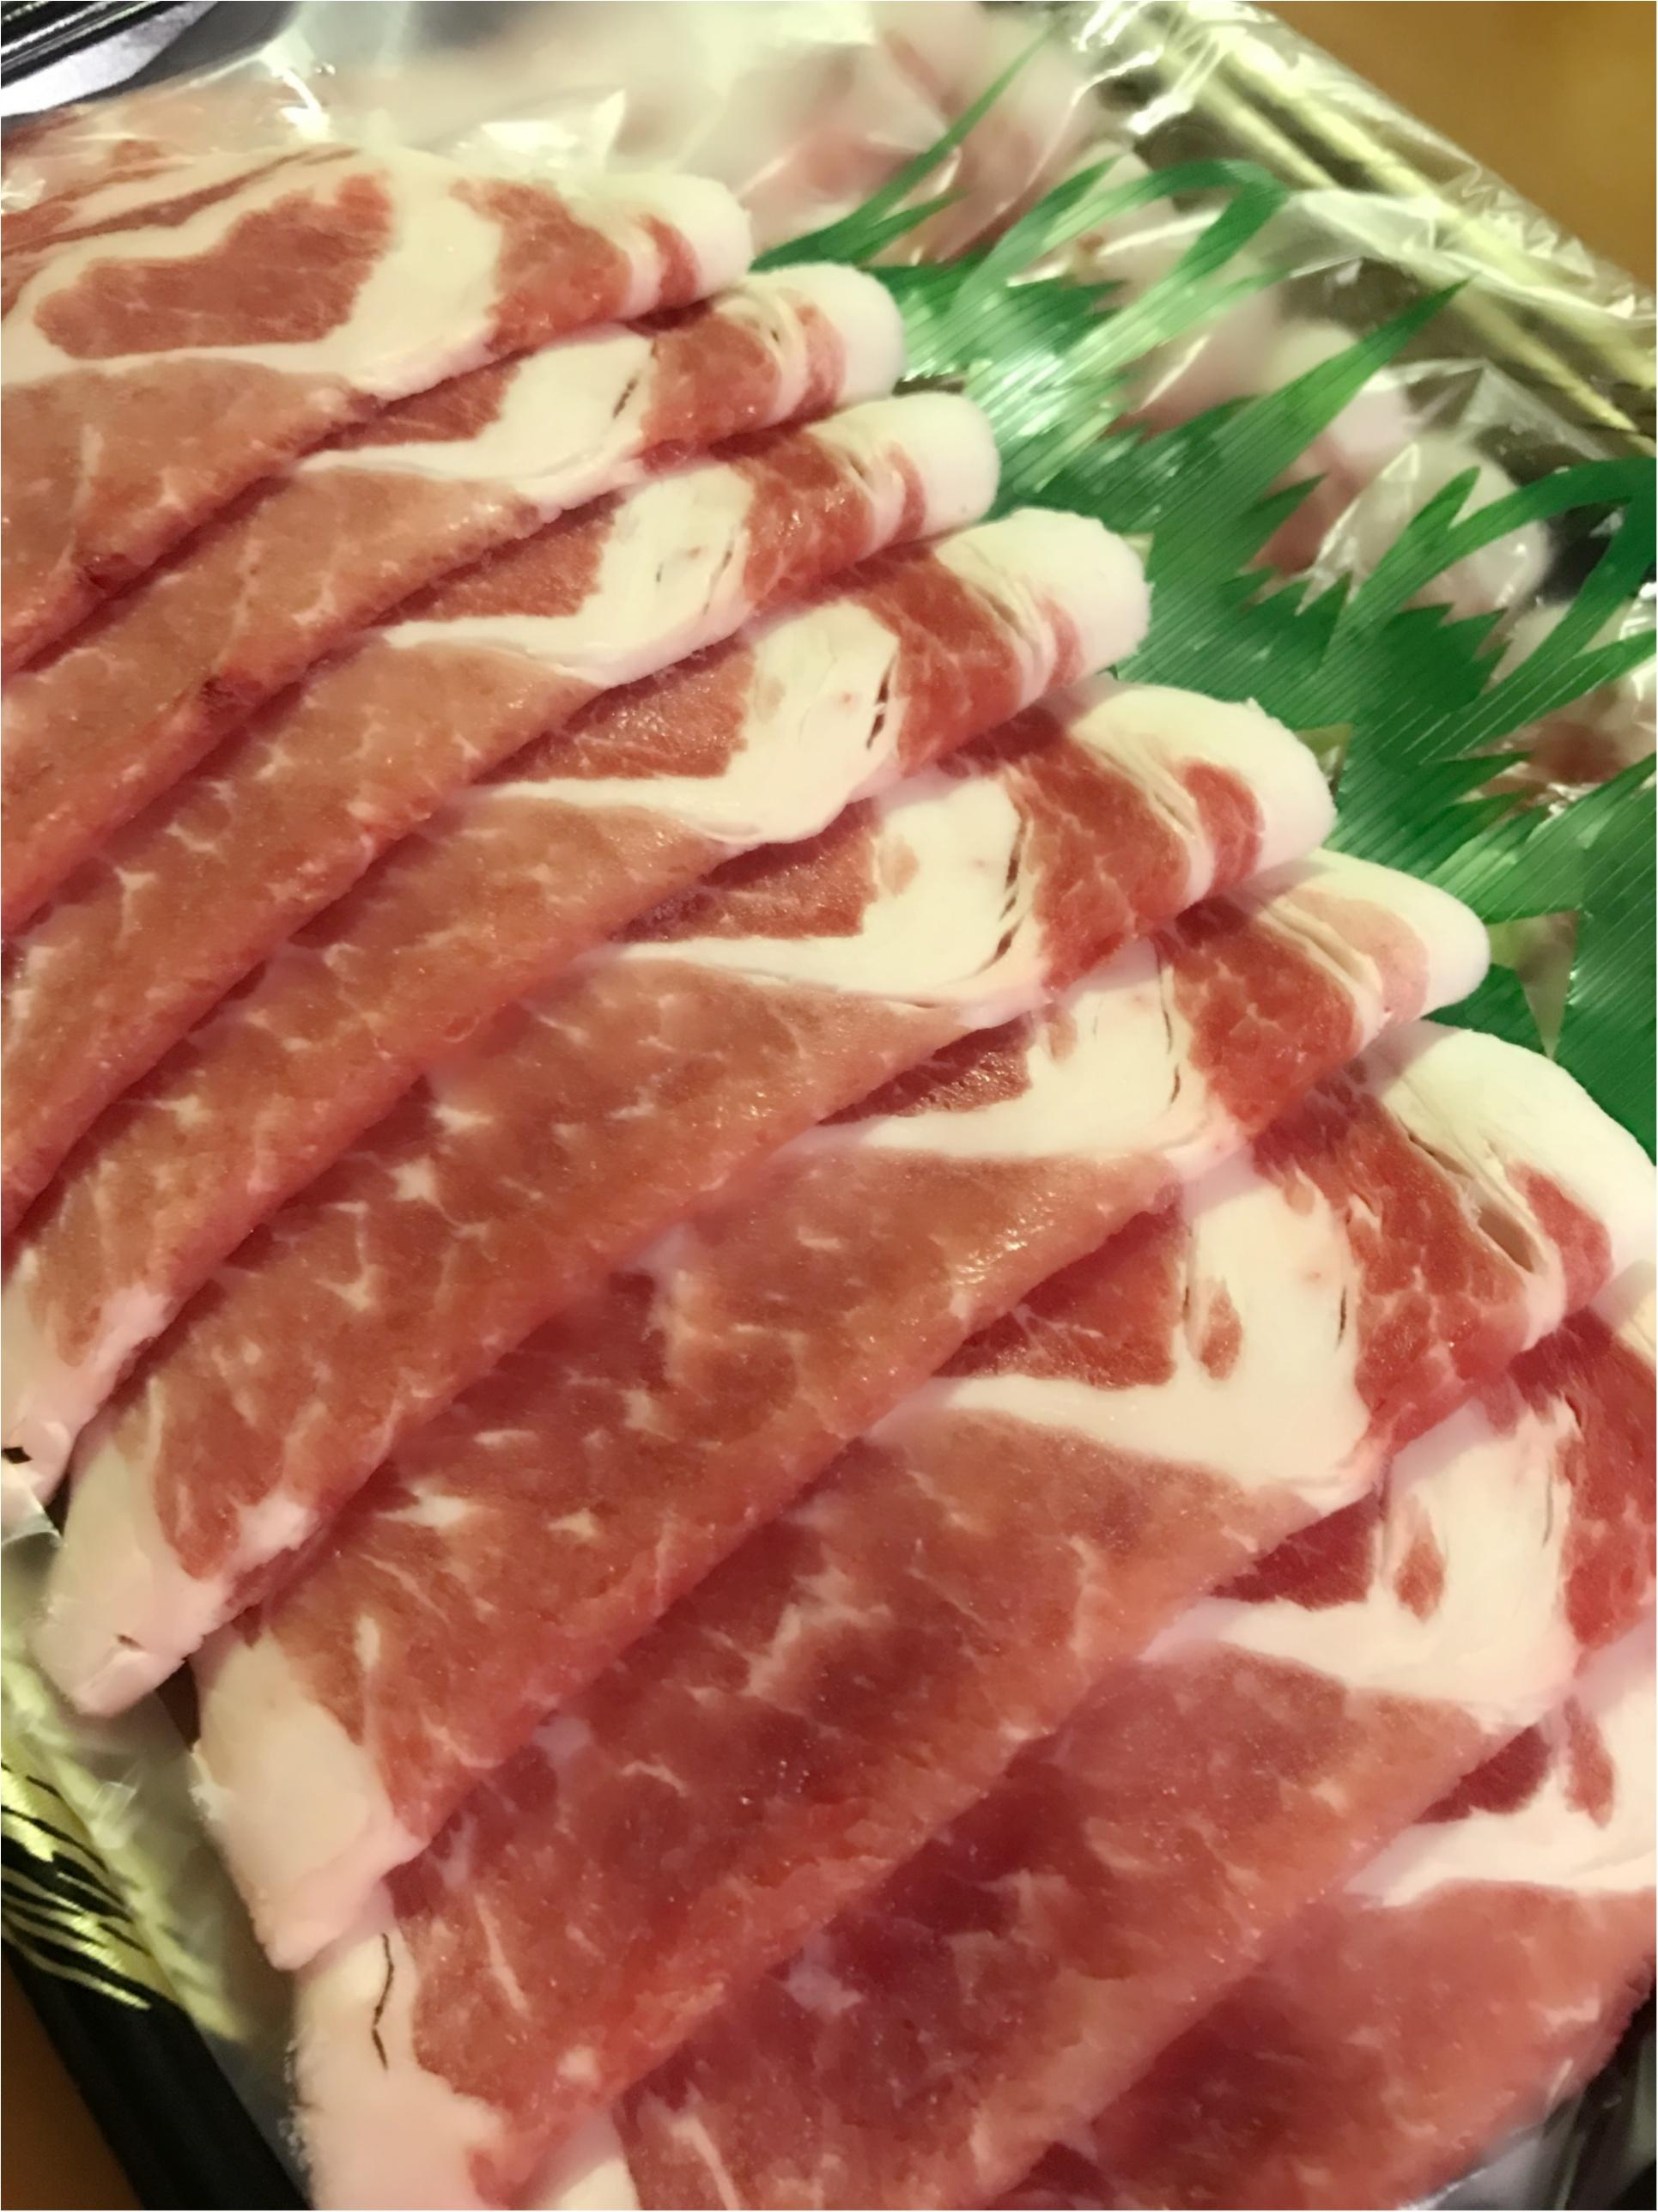 冬といえば…!?そう!お鍋の季節!!でもついつい食べすぎて飽きちゃいがち…。゚(゚´ω`゚)゚。?そんな時は贅沢お肉をお取り寄せ♫_2